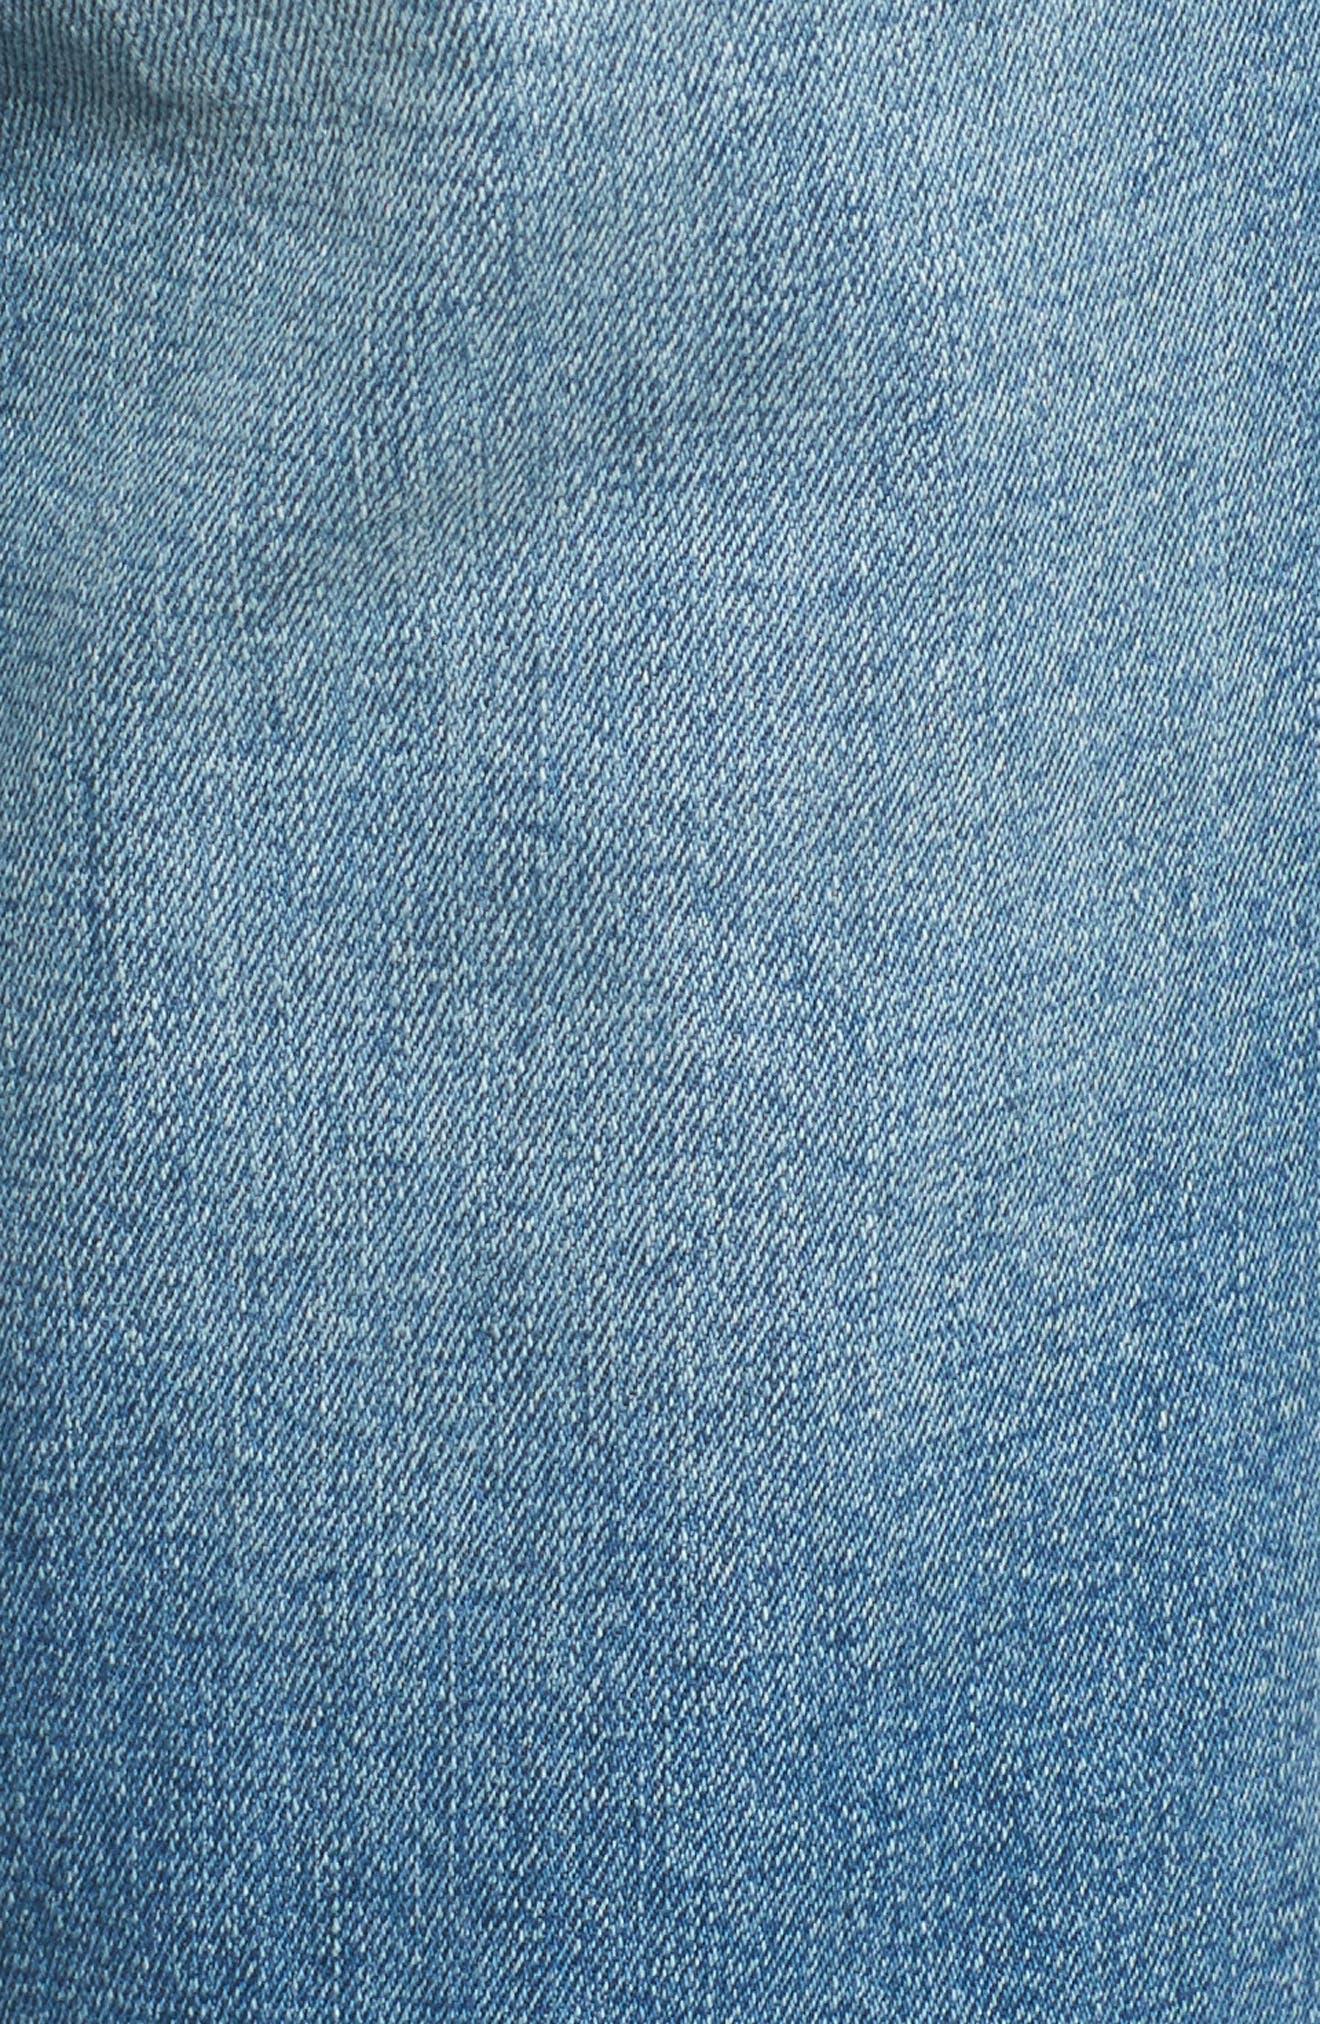 Rip & Repair Ankle Skinny Jeans,                             Alternate thumbnail 6, color,                             Pearl Jam